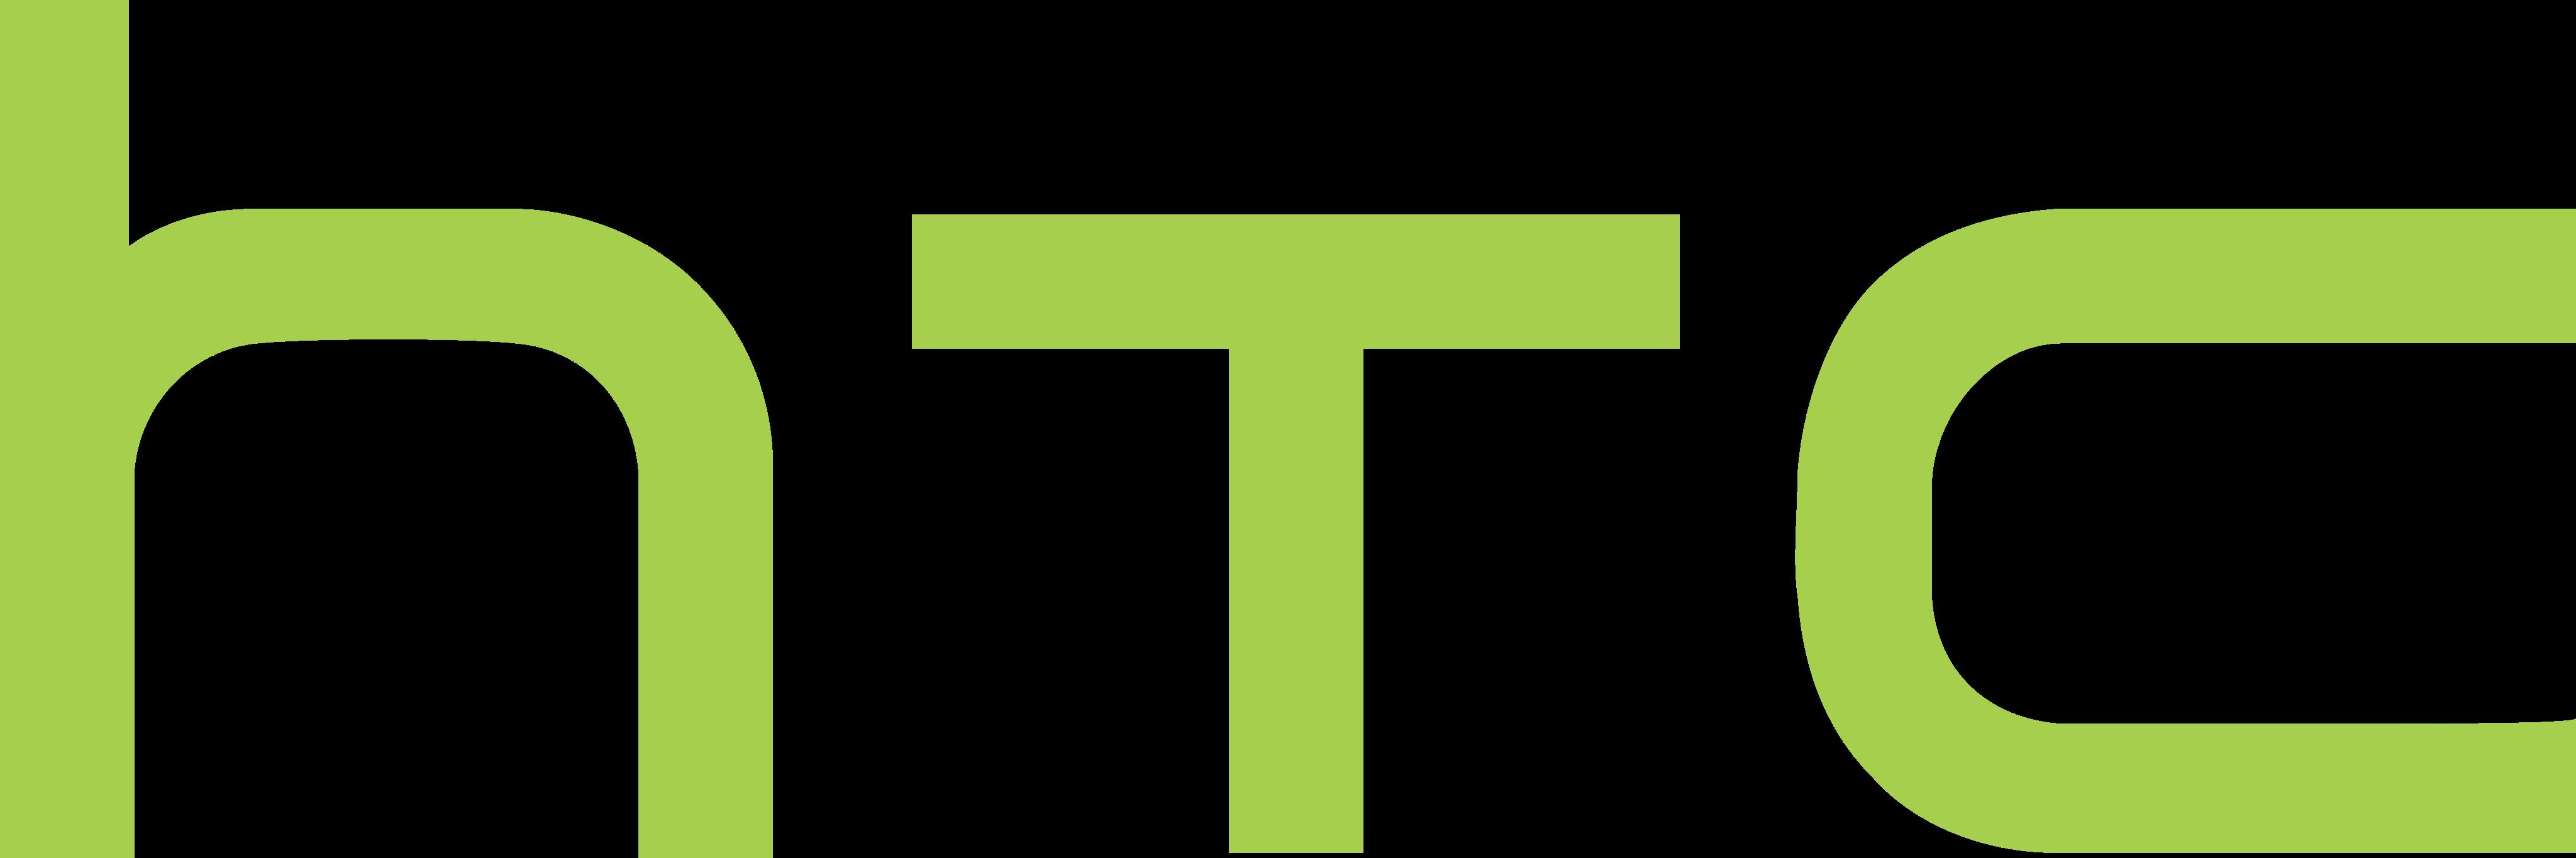 htc logo 1 - HTC Logo